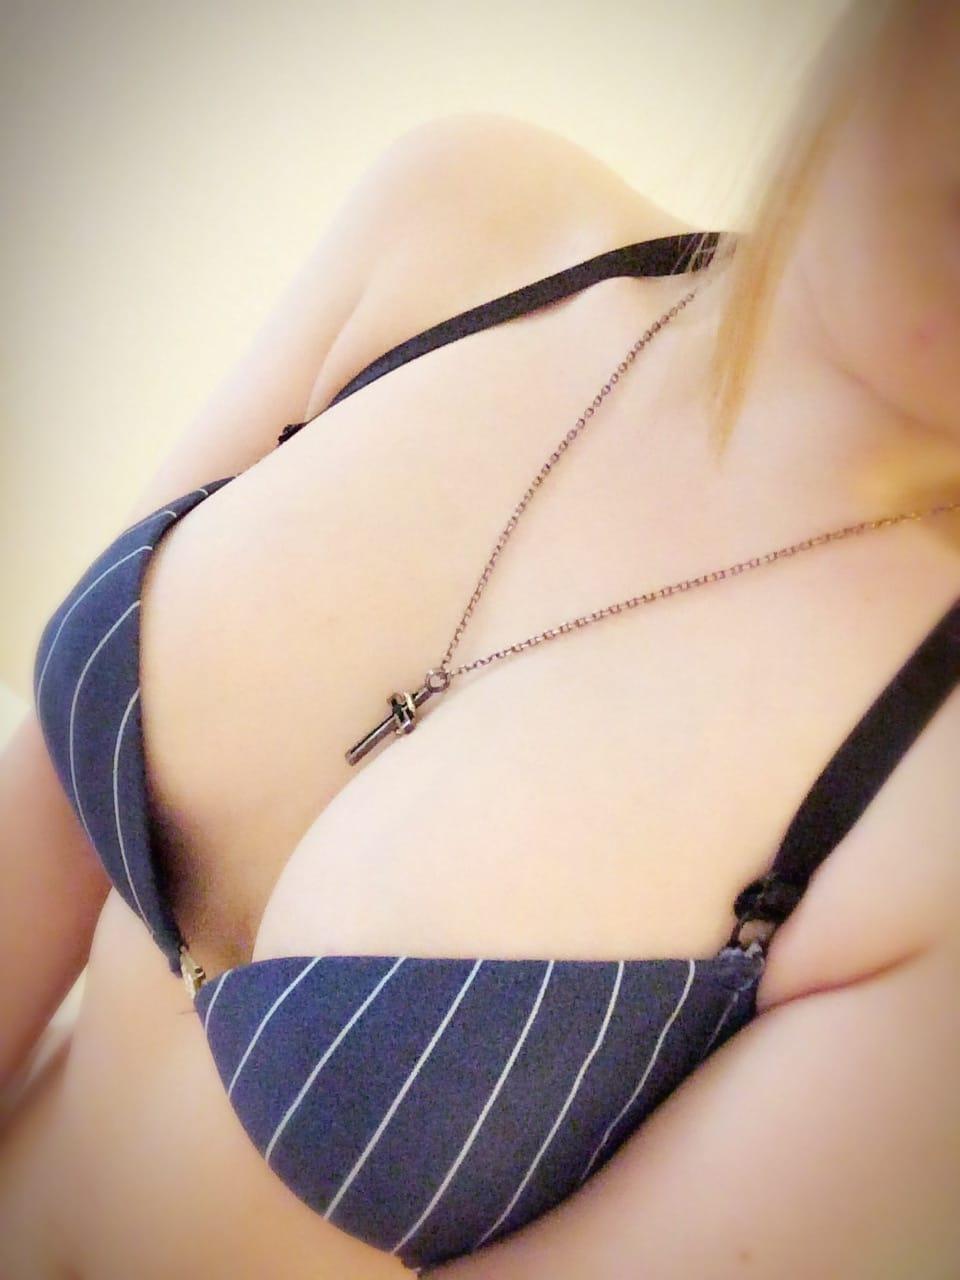 「おはようございます!」04/19(04/19) 08:51 | 菜月の写メ・風俗動画